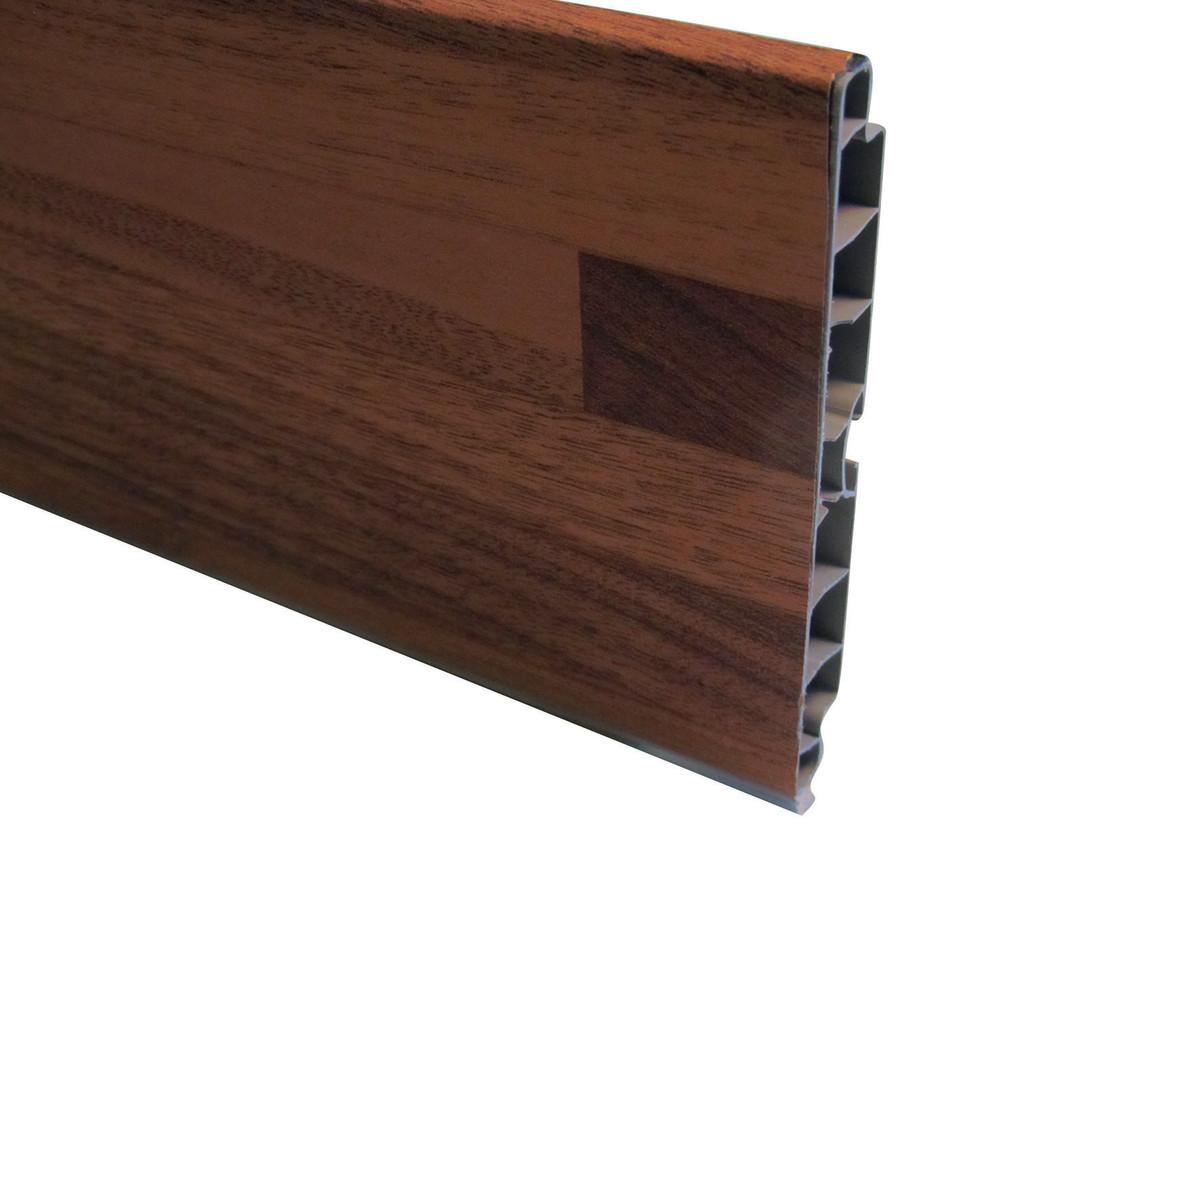 Battiscopa zoccolino pvc espanso h 70 mm prezzo e for Battiscopa in legno leroy merlin